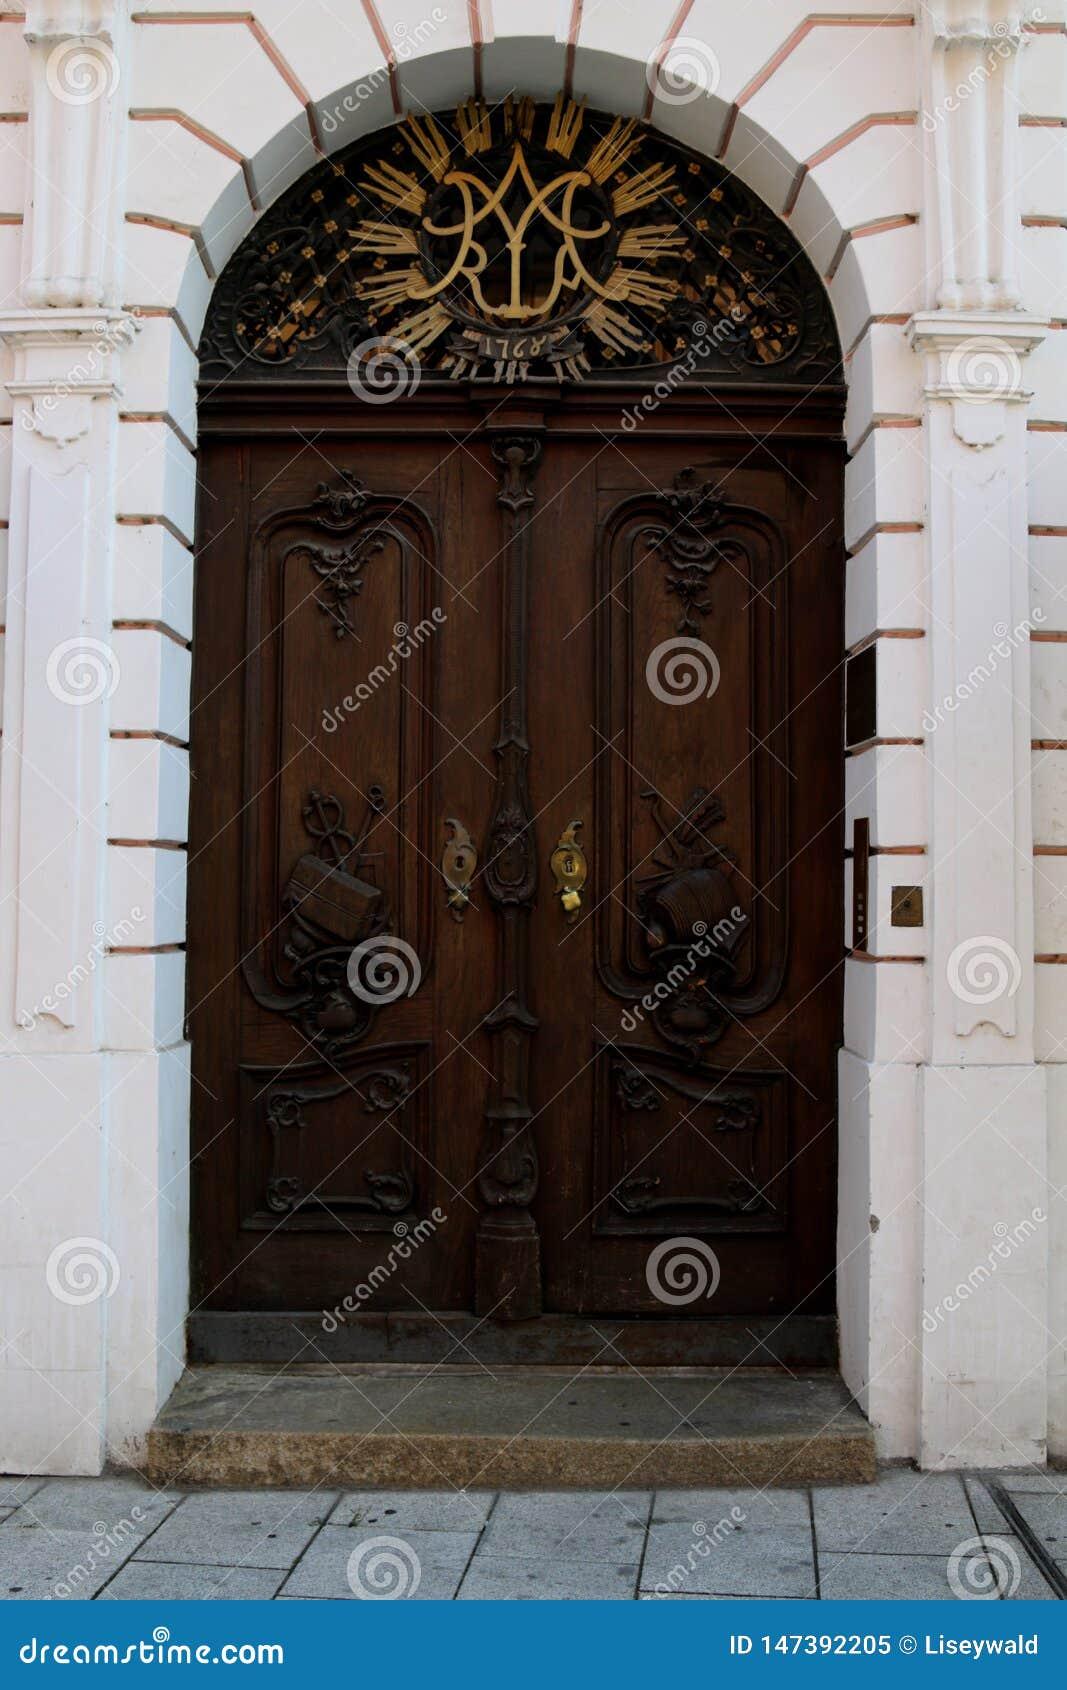 Barokke bruine deur met gouden en zwarte metaalelementen in een roze voorgevel